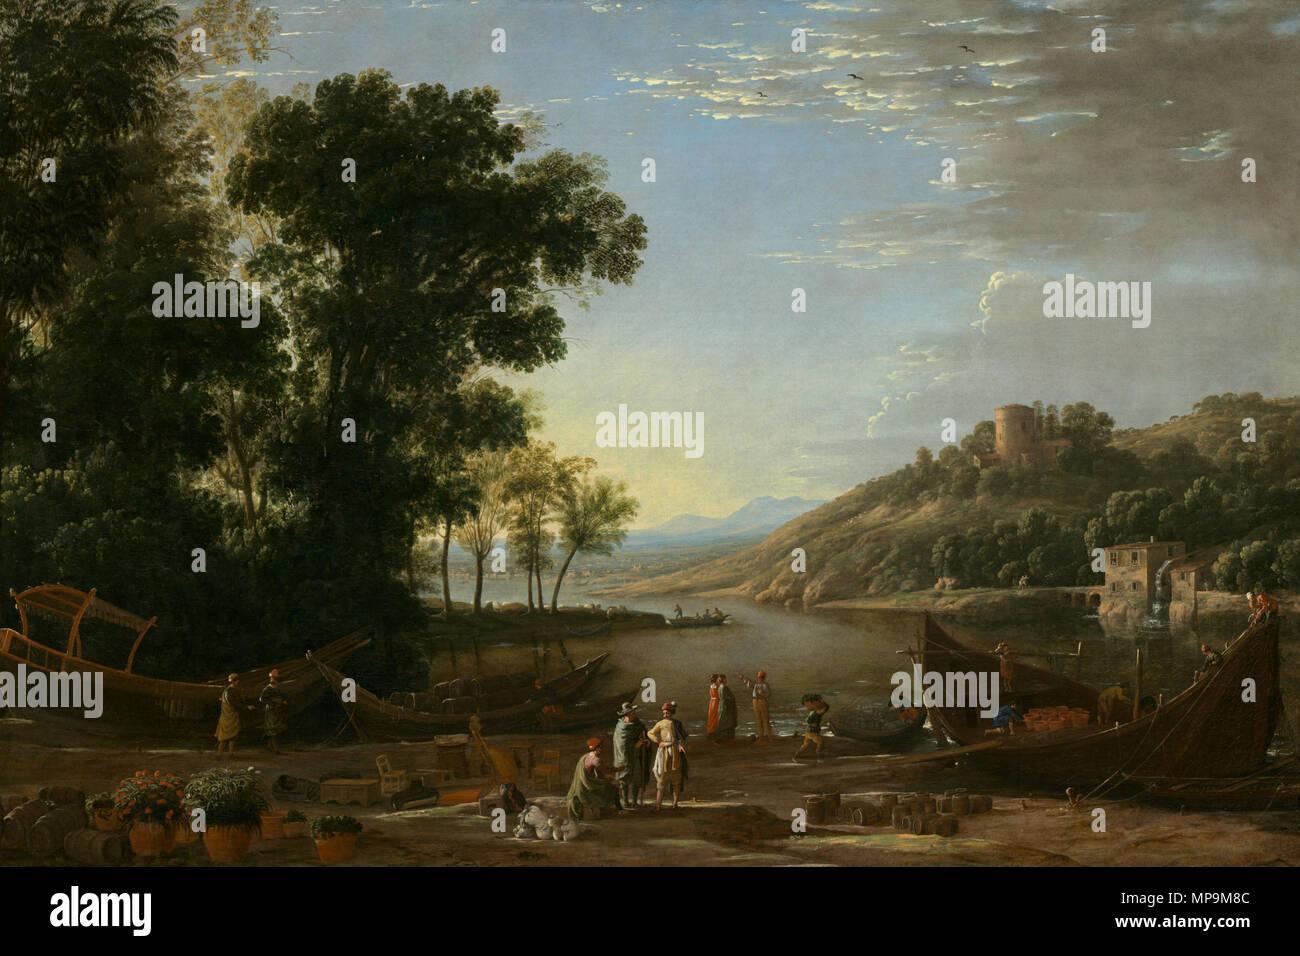 Claude Lorrain (French, 1604/1605 - 1682 ), Landscape with Merchants, c. 1629, oil on canvas, Samuel H. Kress Collection A11472.jpg 820 Claude Lorrain - Paysage avec les commerçants - Stock Image